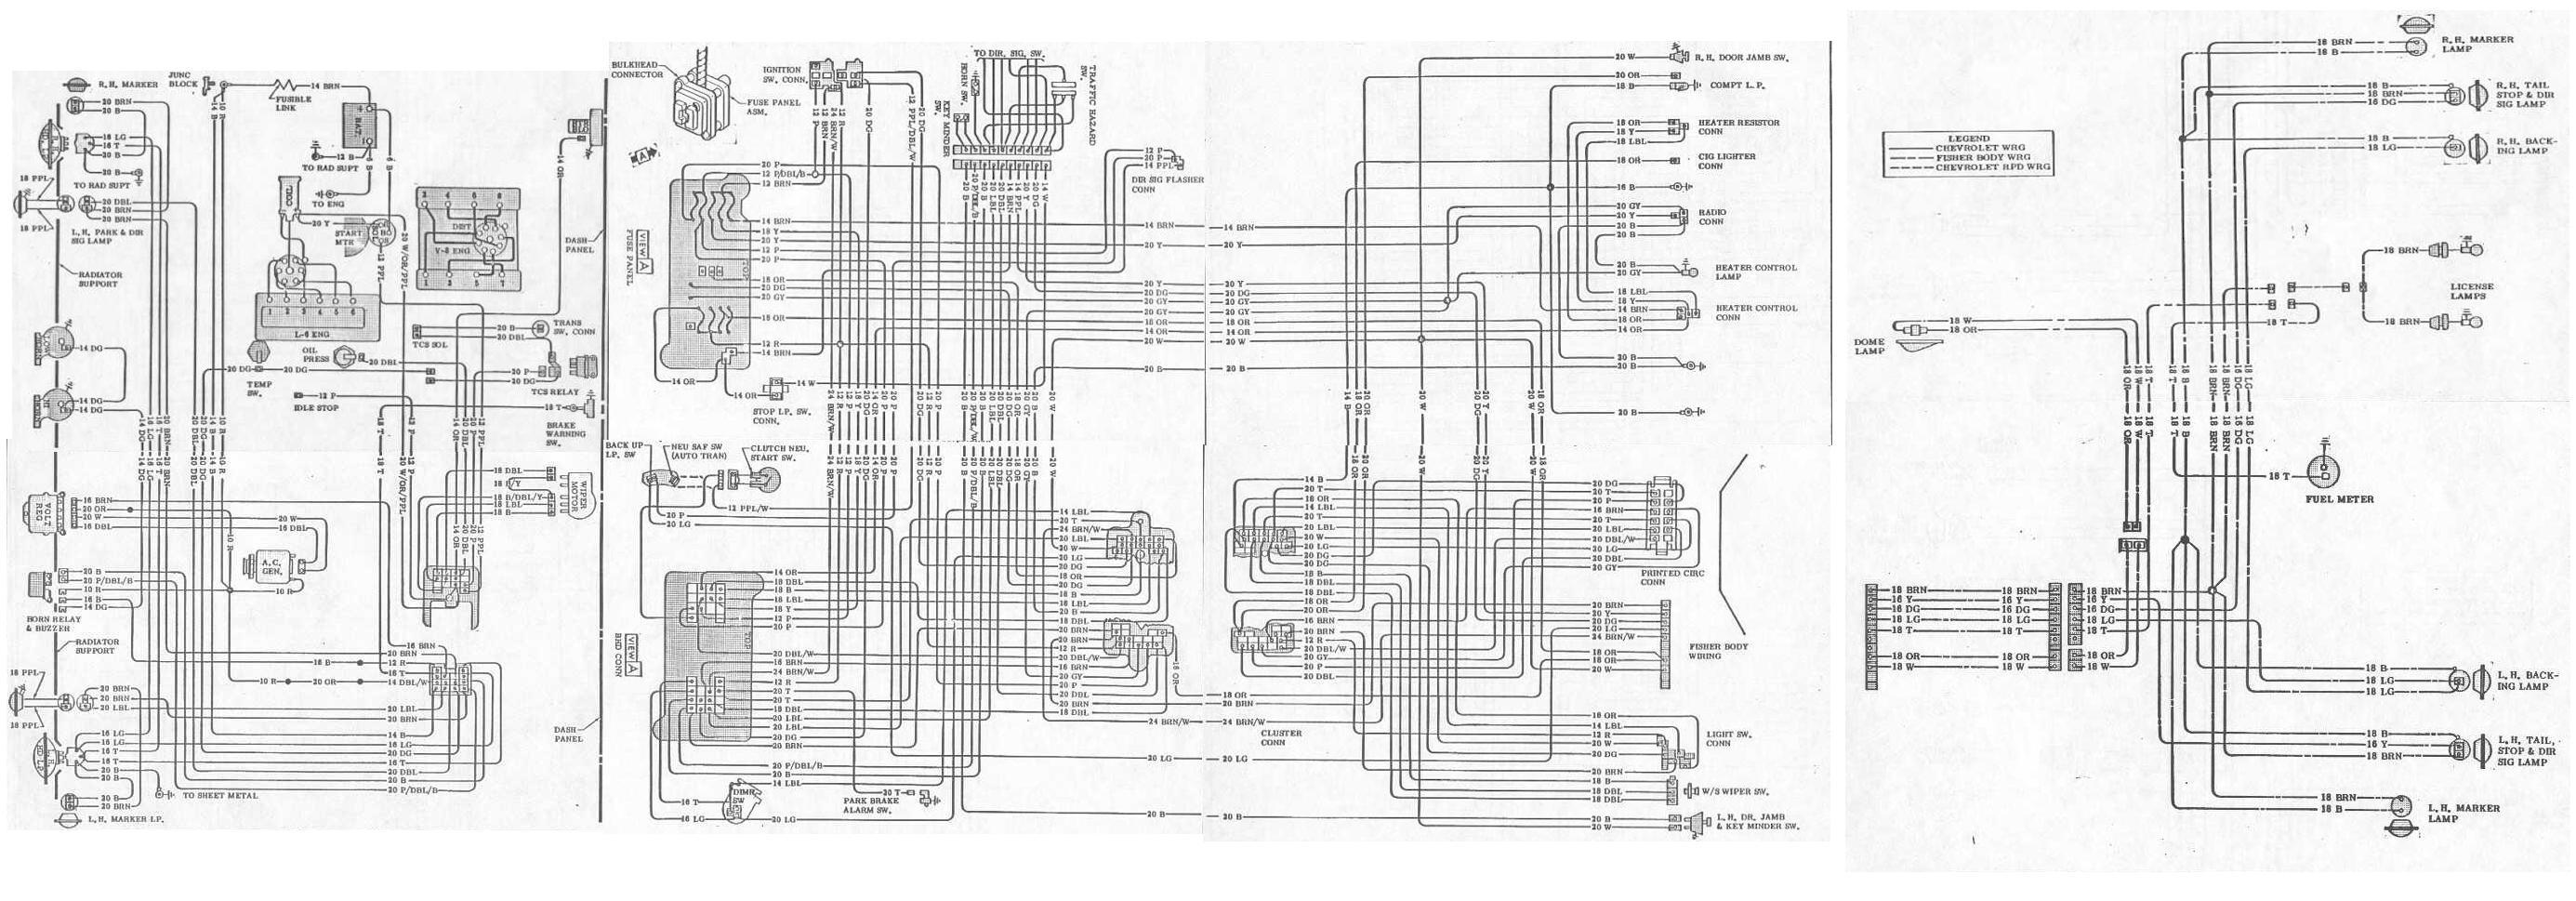 1977 firebird wiring diagram